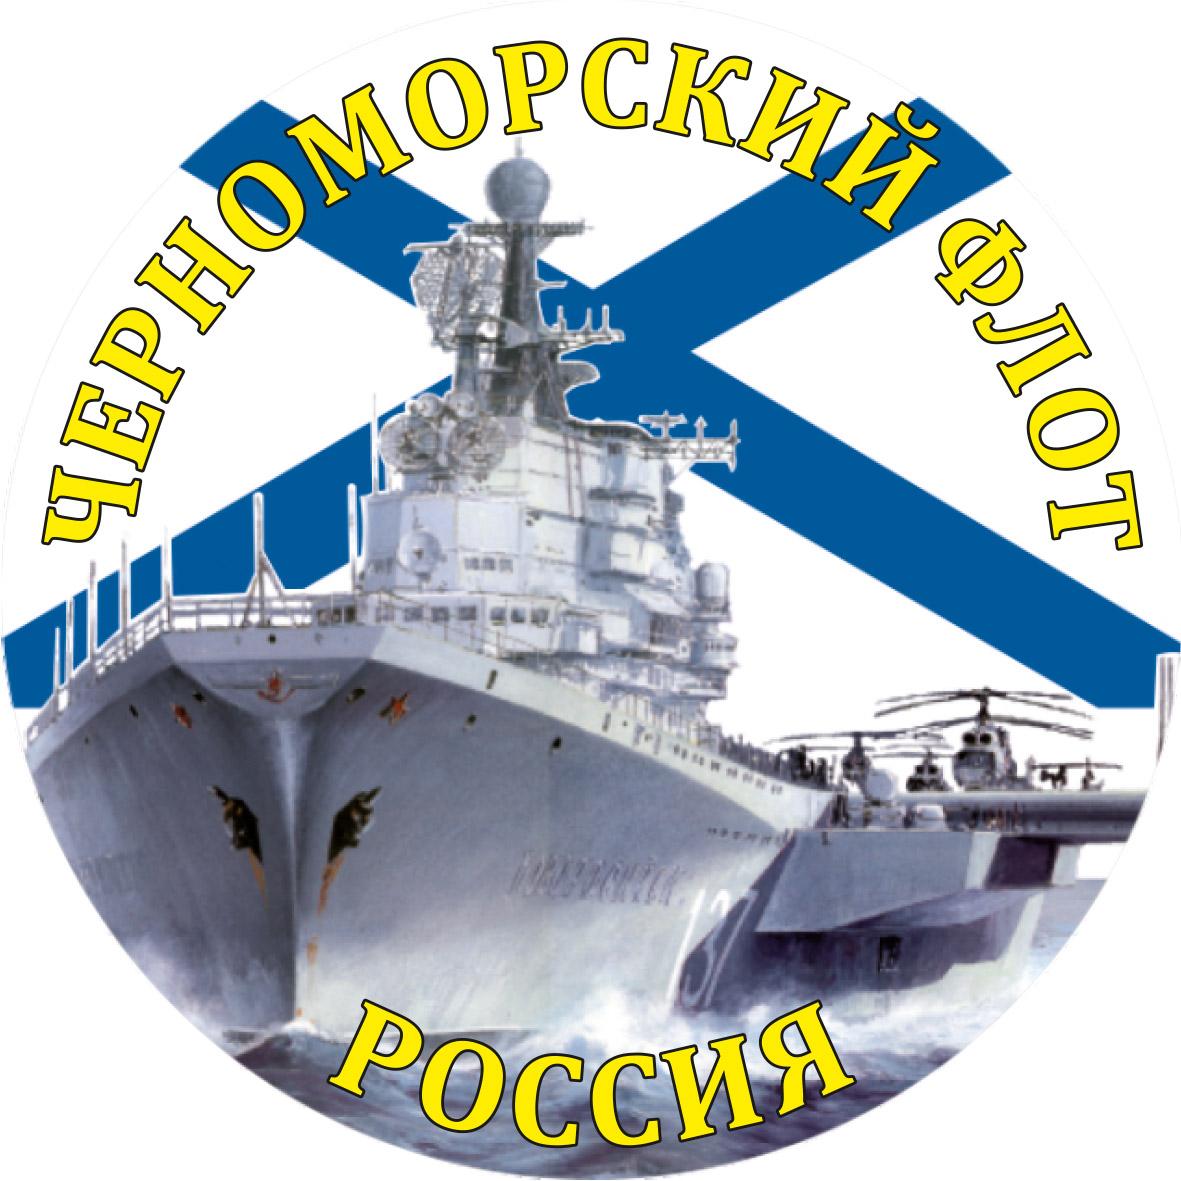 Наклейка Черноморский флот